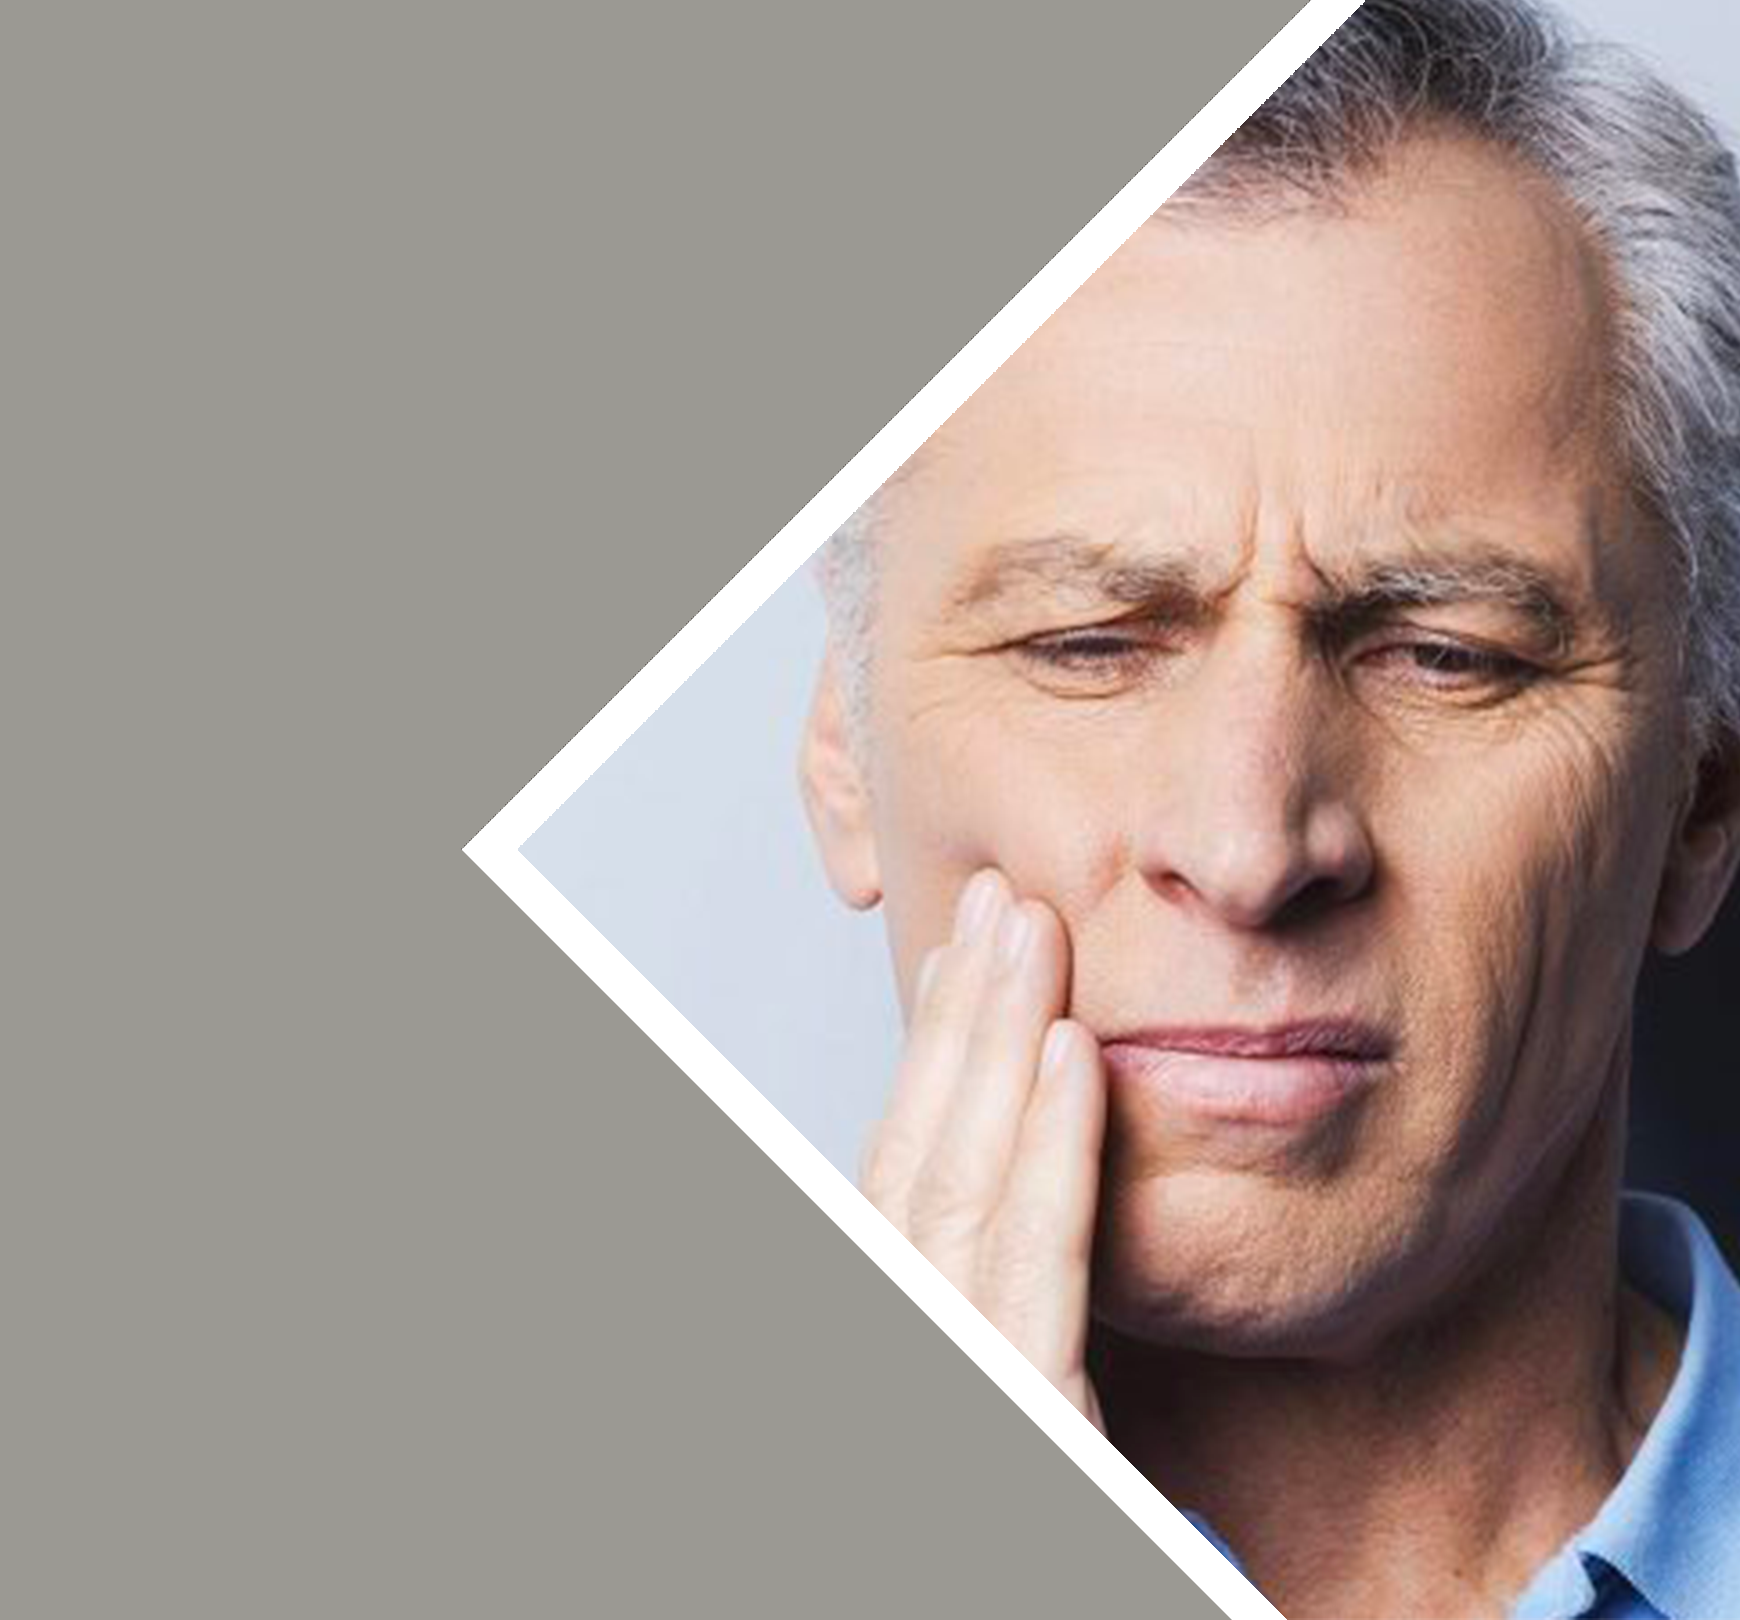 Les douleurs dentaires prises en charge par le Dr Severin Orthodontiste Paris 8